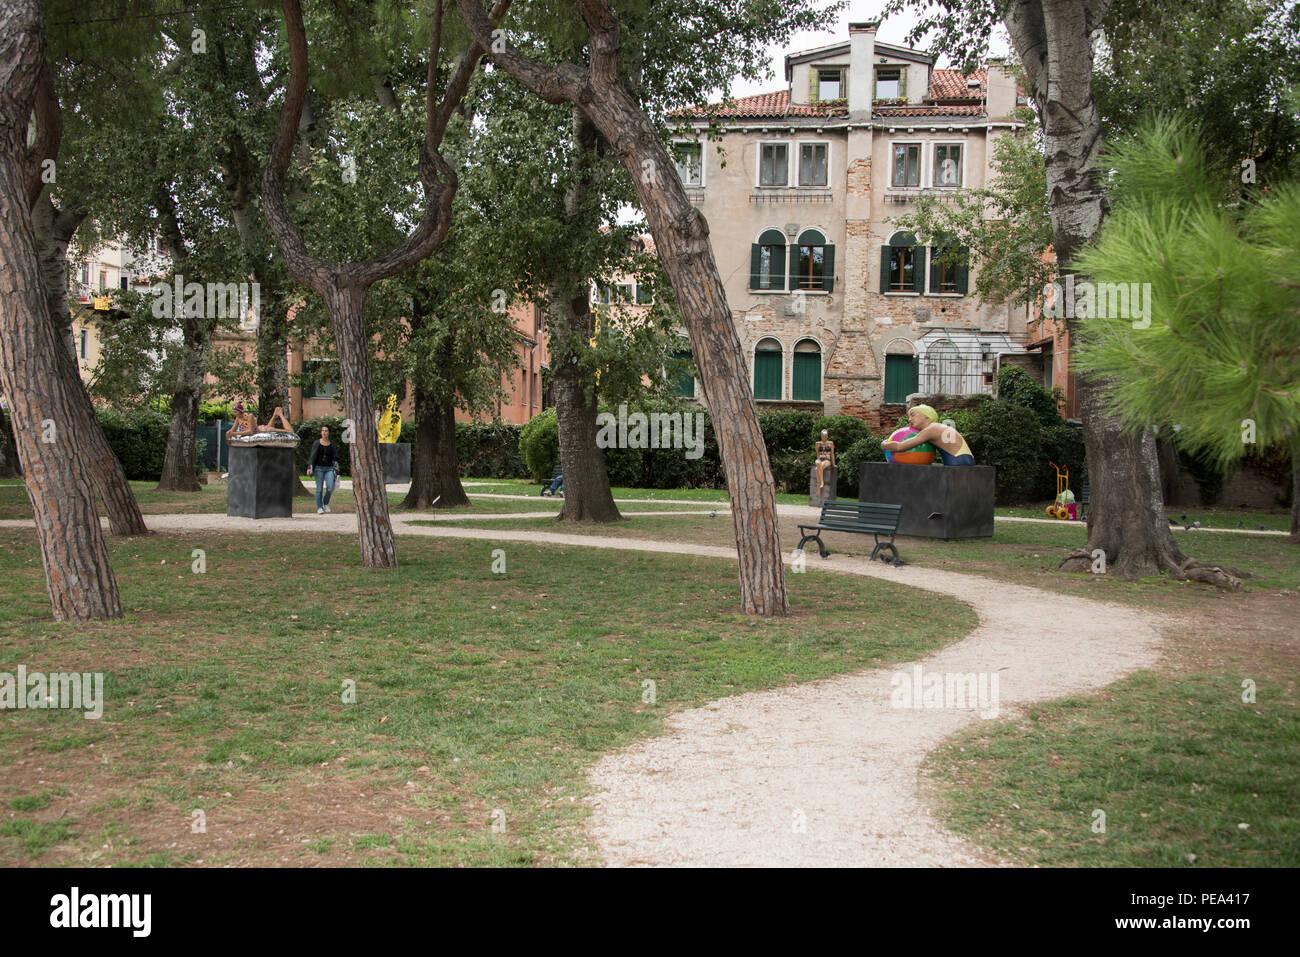 Biennale di Venezia aria aperta mostra a Venezia, 2017 dotate di Carole Feuerman di lavoro in Giardini della Marinaressa, Riva dei Sette Martiri, Venezia Immagini Stock